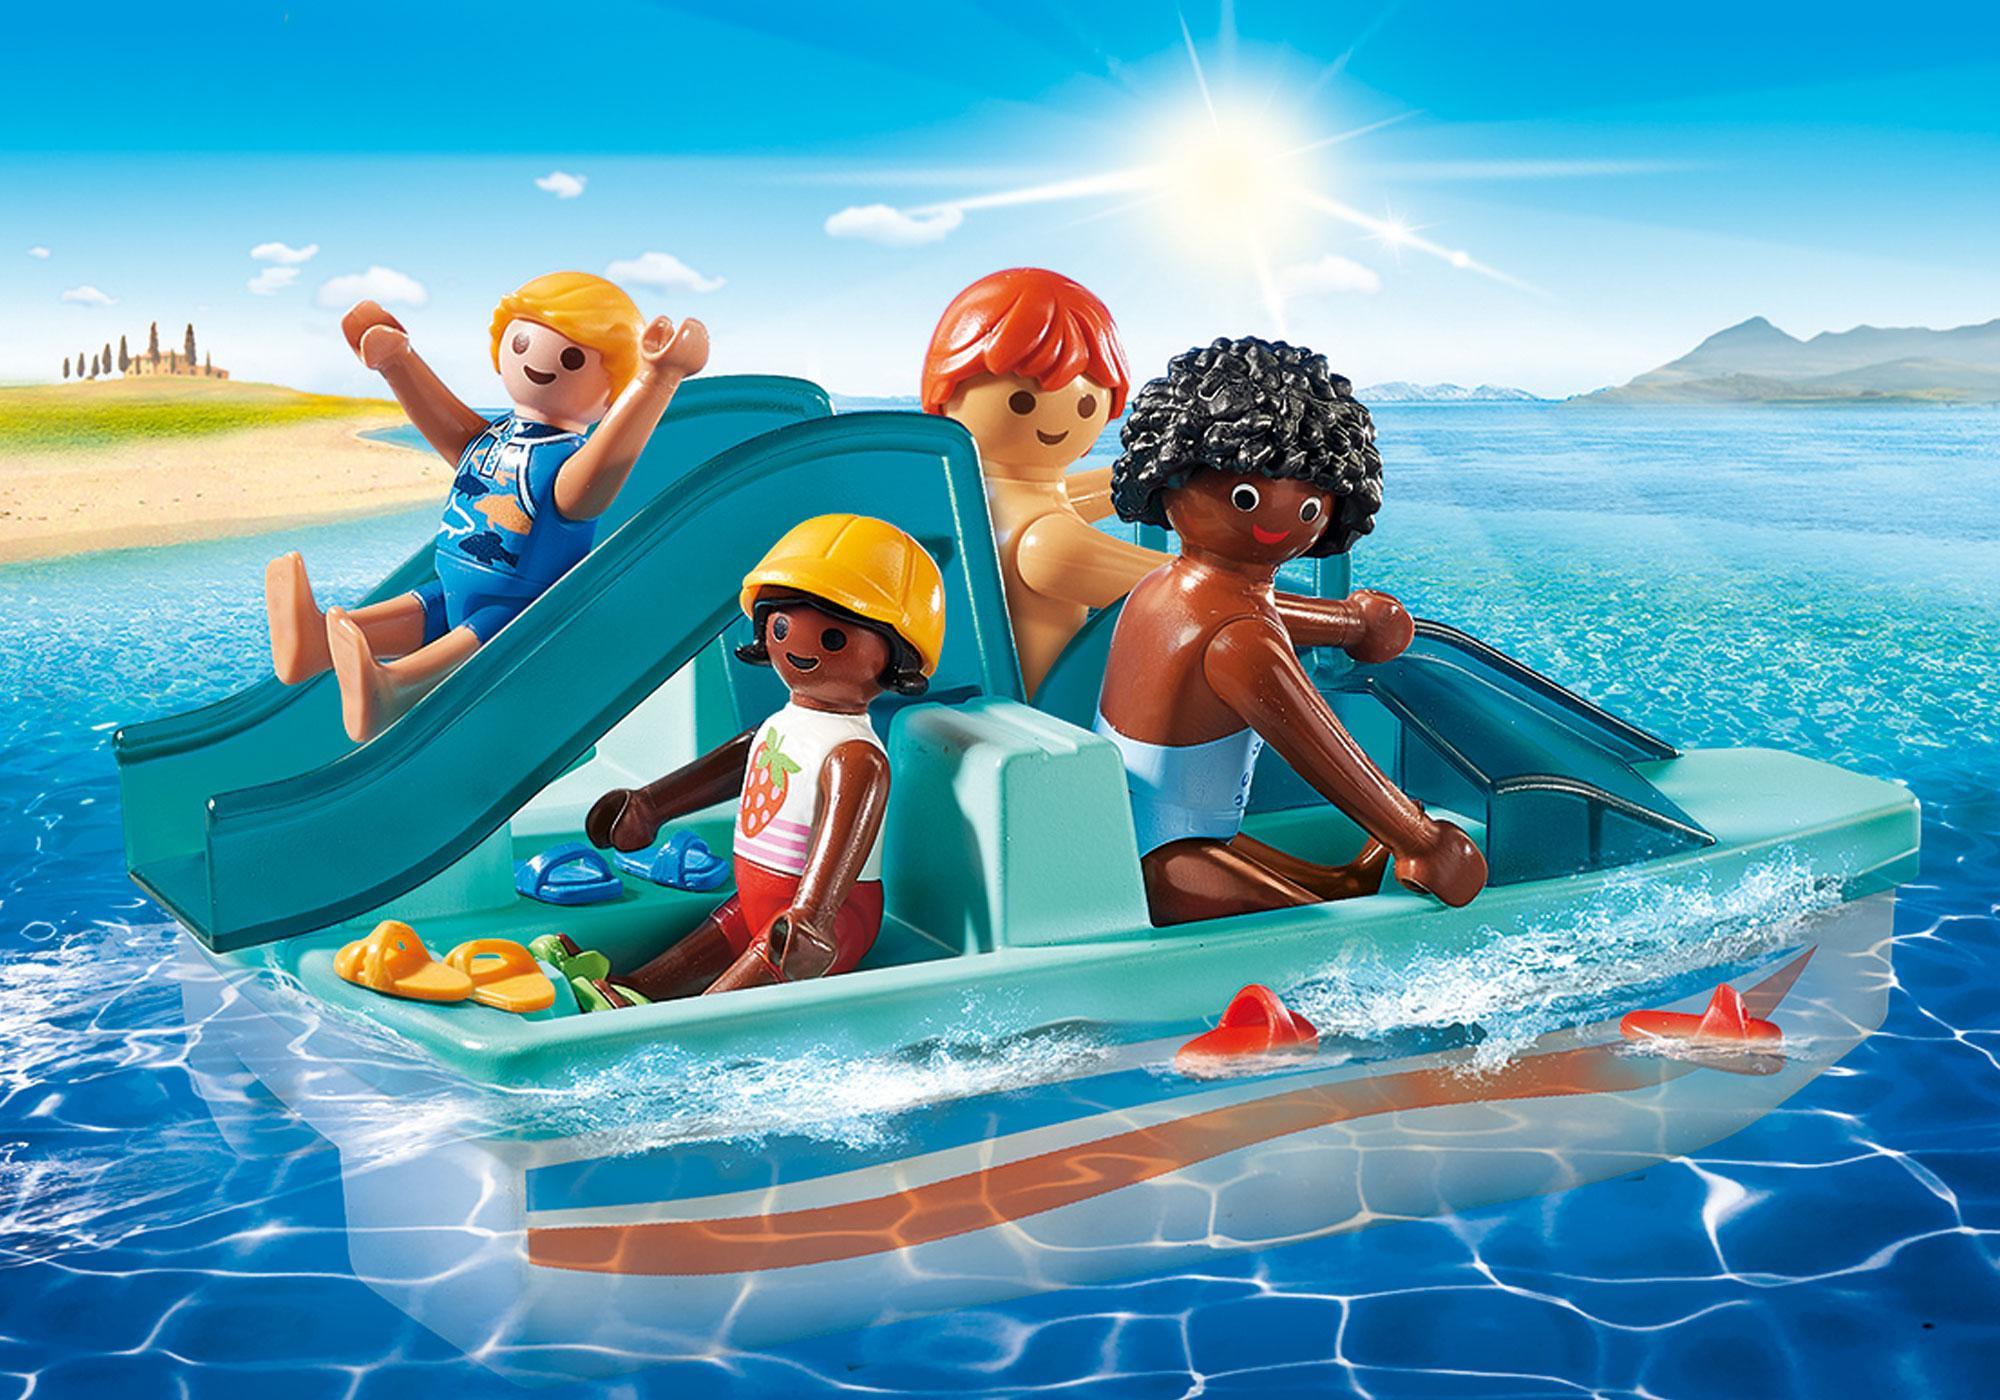 http://media.playmobil.com/i/playmobil/9424_product_detail/Trampbåt med rutschkana